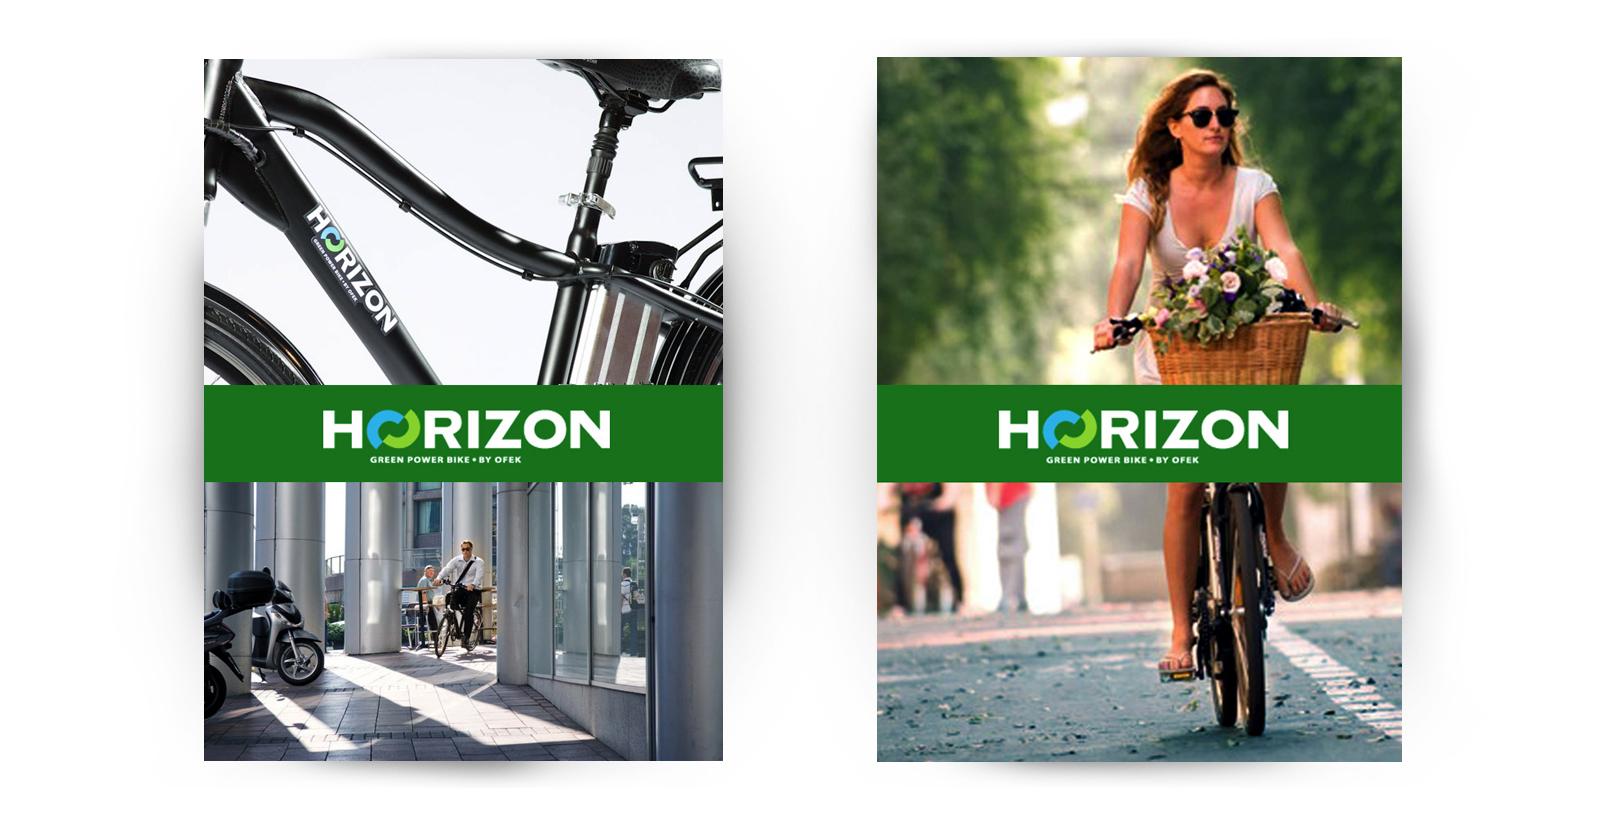 - HORIZON – צילומי קמפיין למותג האופניים החשמליות, מהראשונים בארץ. הצילום התקיים בסטודיו וברחובות תל אביב.